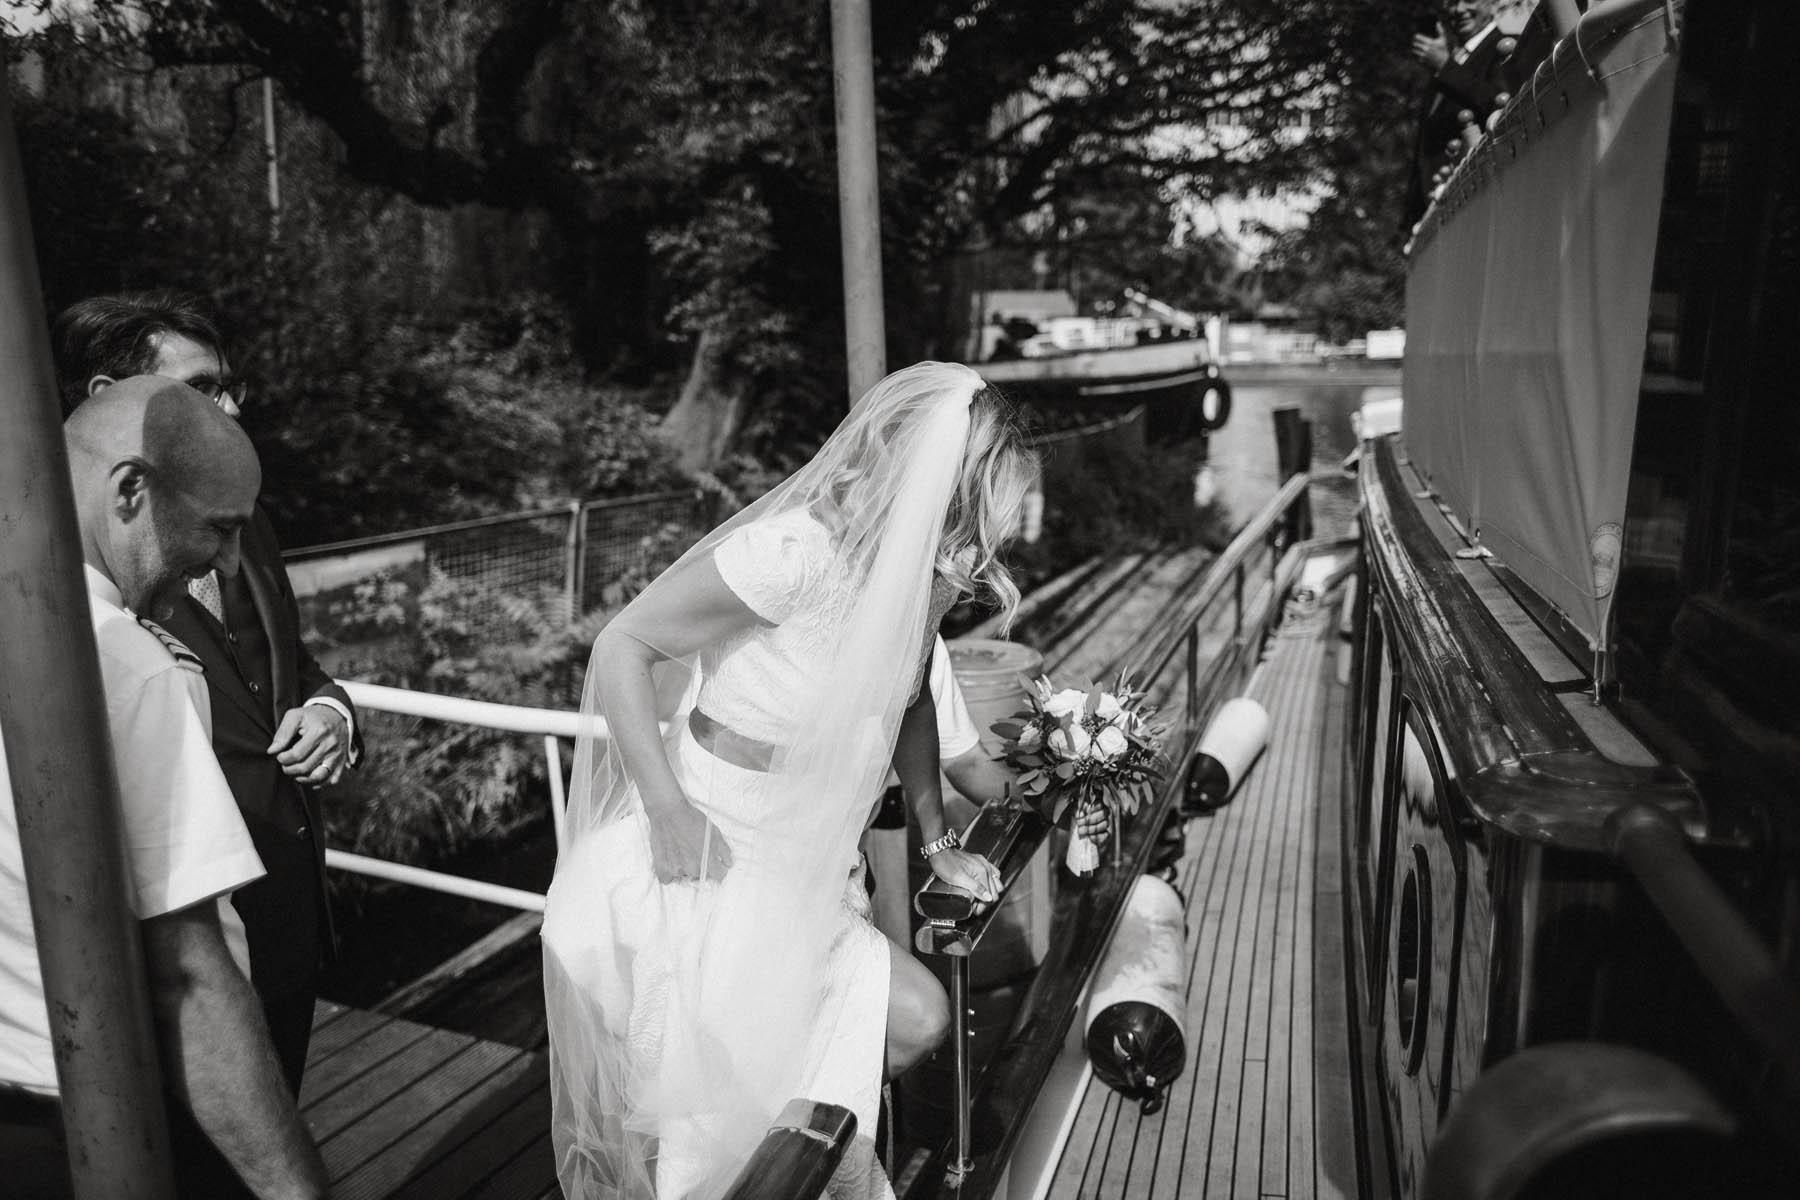 Brautpaar auf dem Weg zur Trauung auf der Spree in Berlin - Raissa + Simon Fotografie